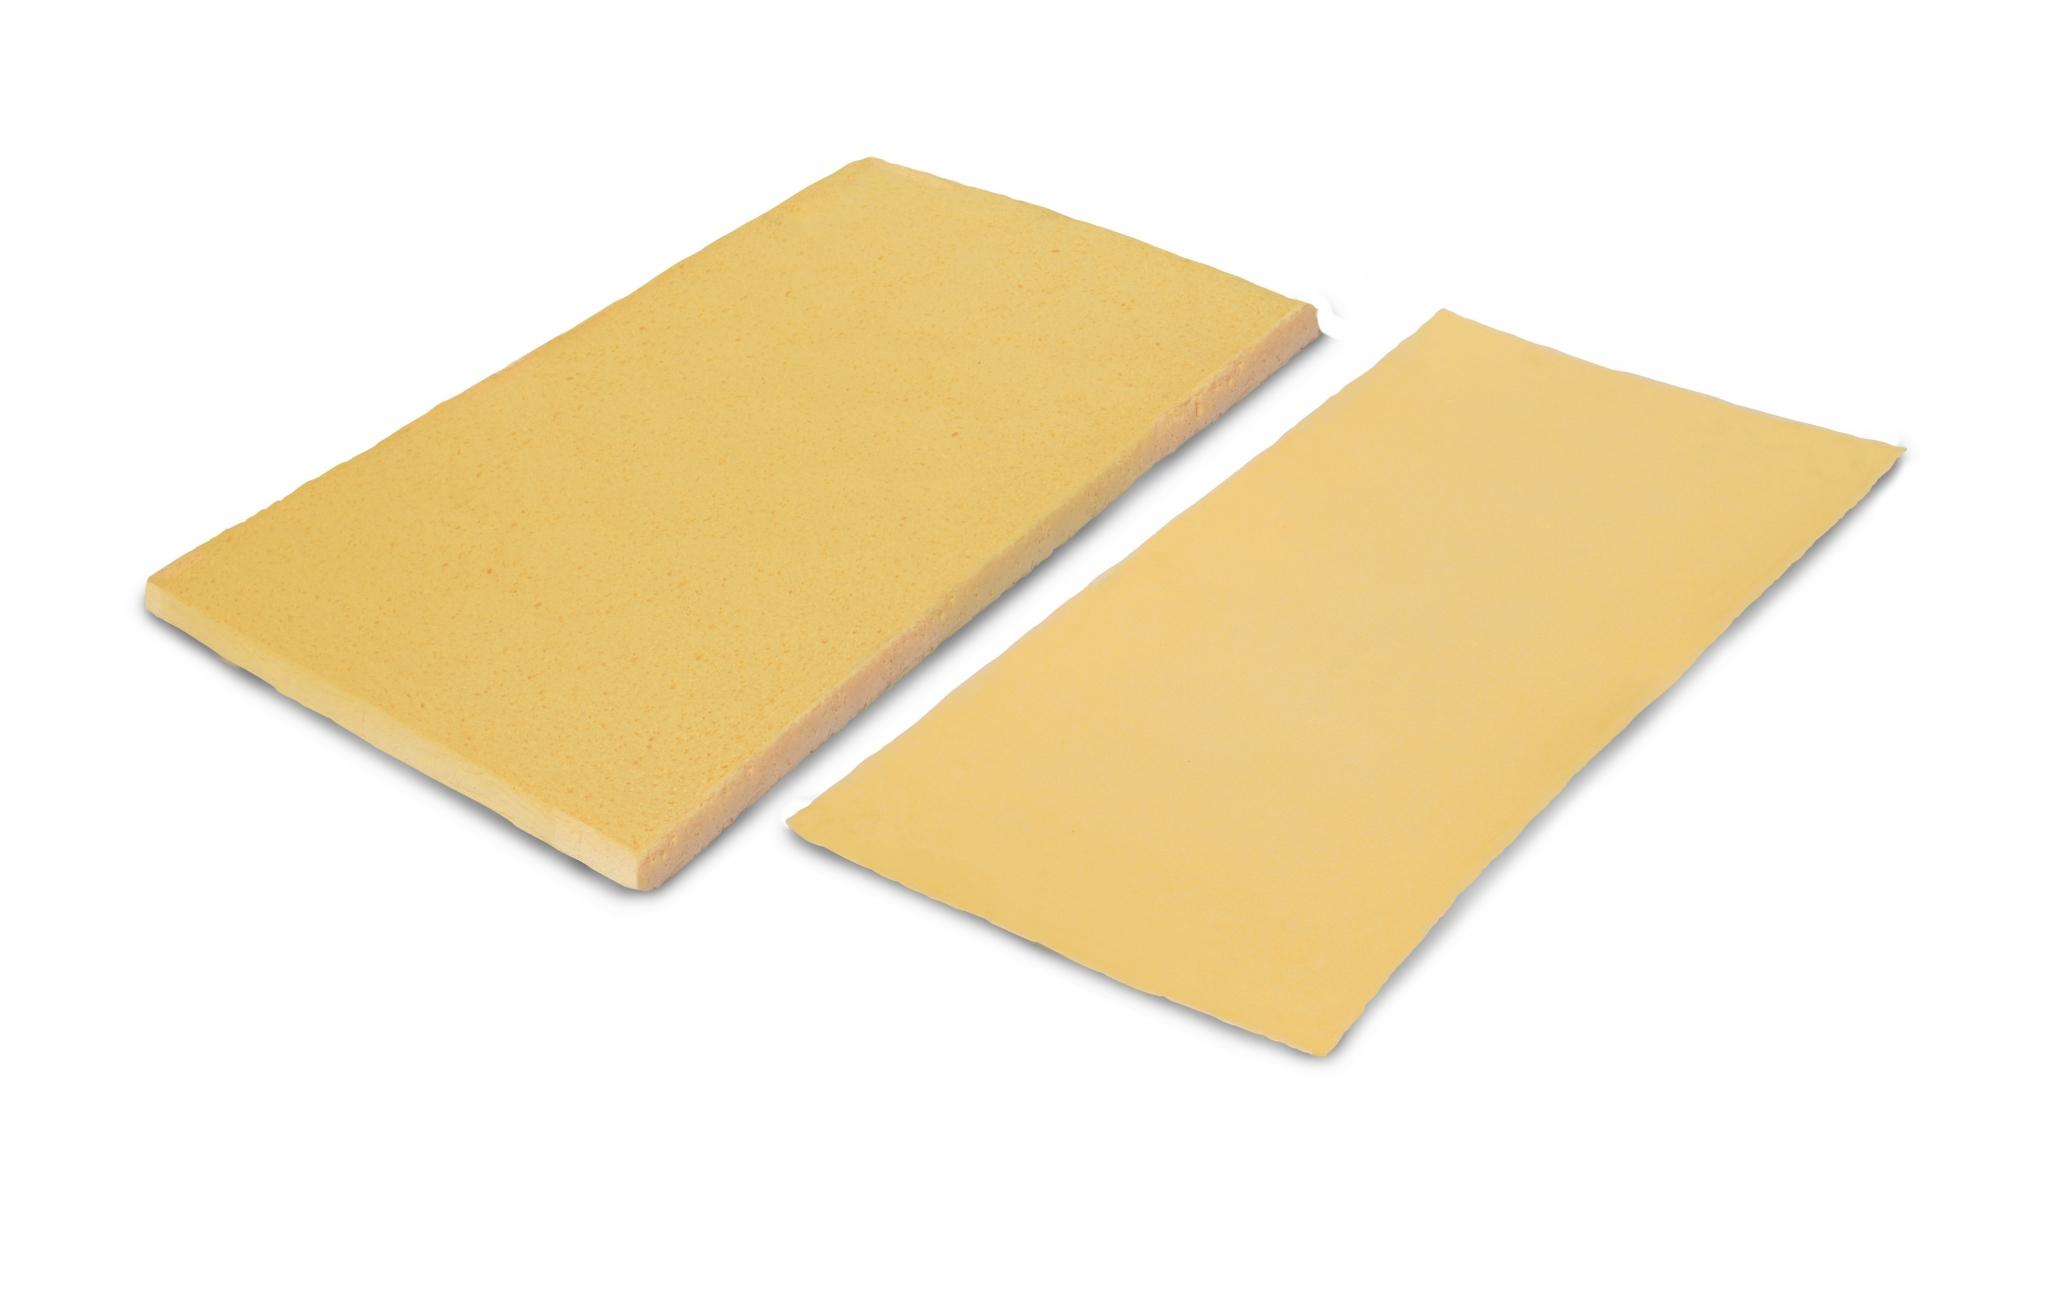 Cellulose Sponge Materials